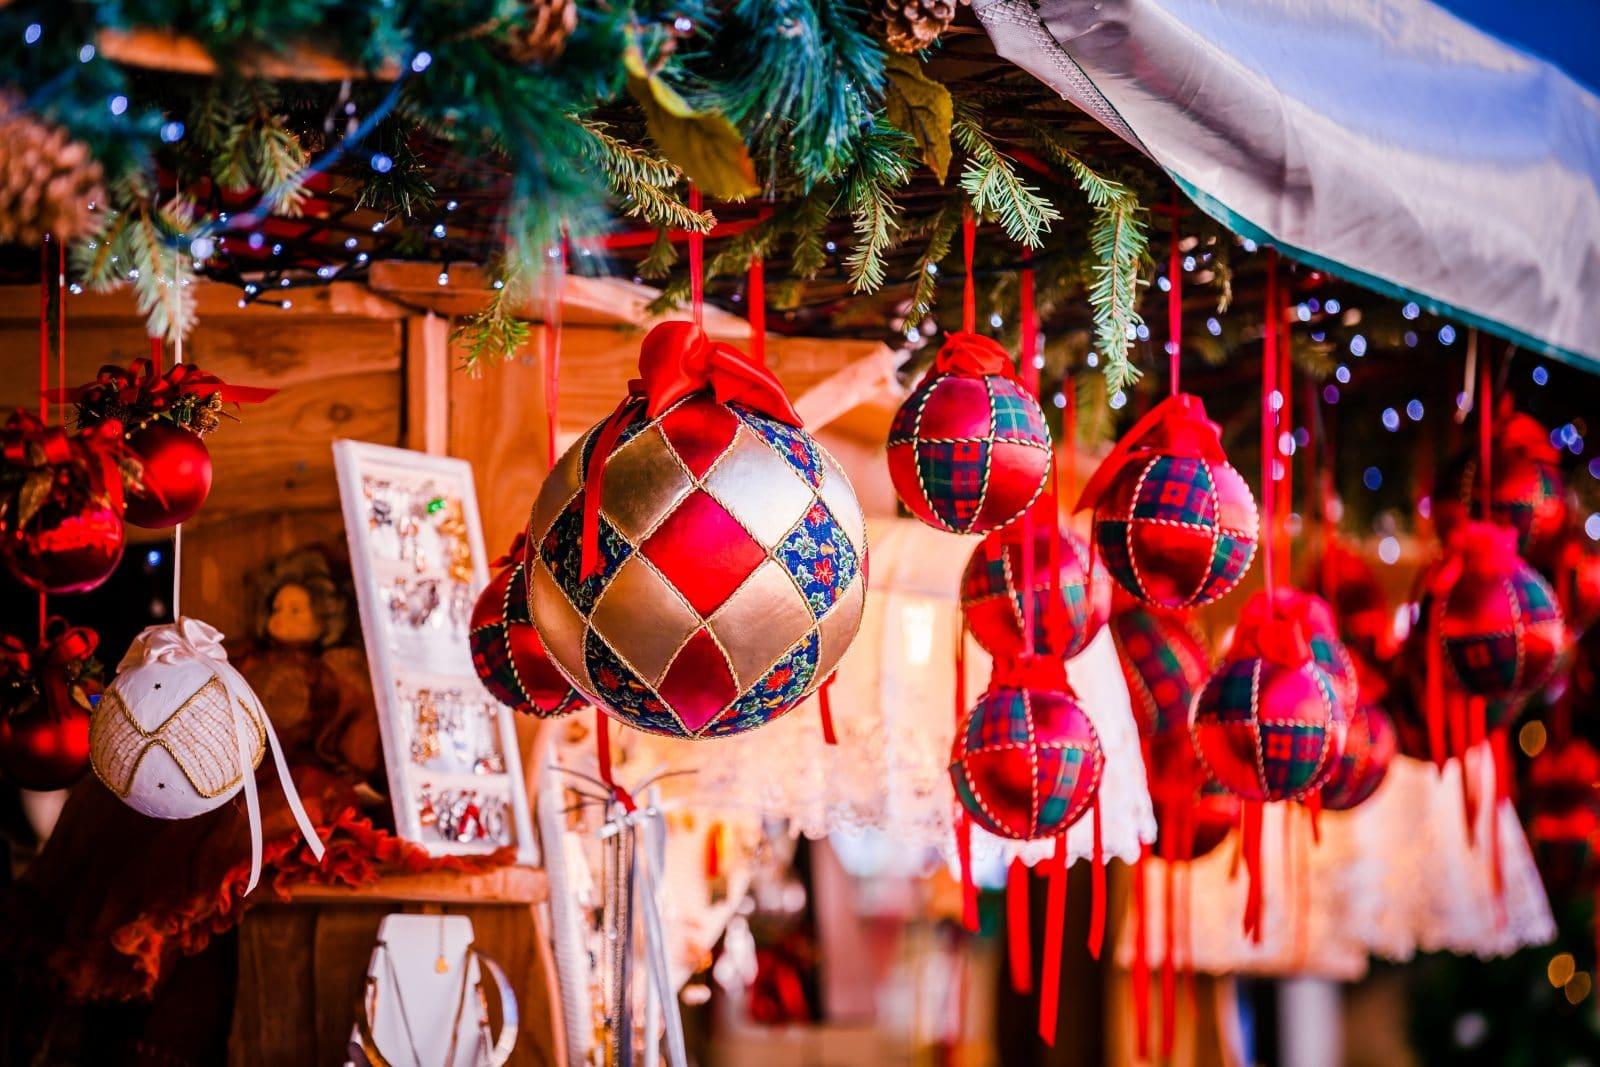 Morgen: Der Weihnachtsmarkt in Friedrichsthal-Bildstock